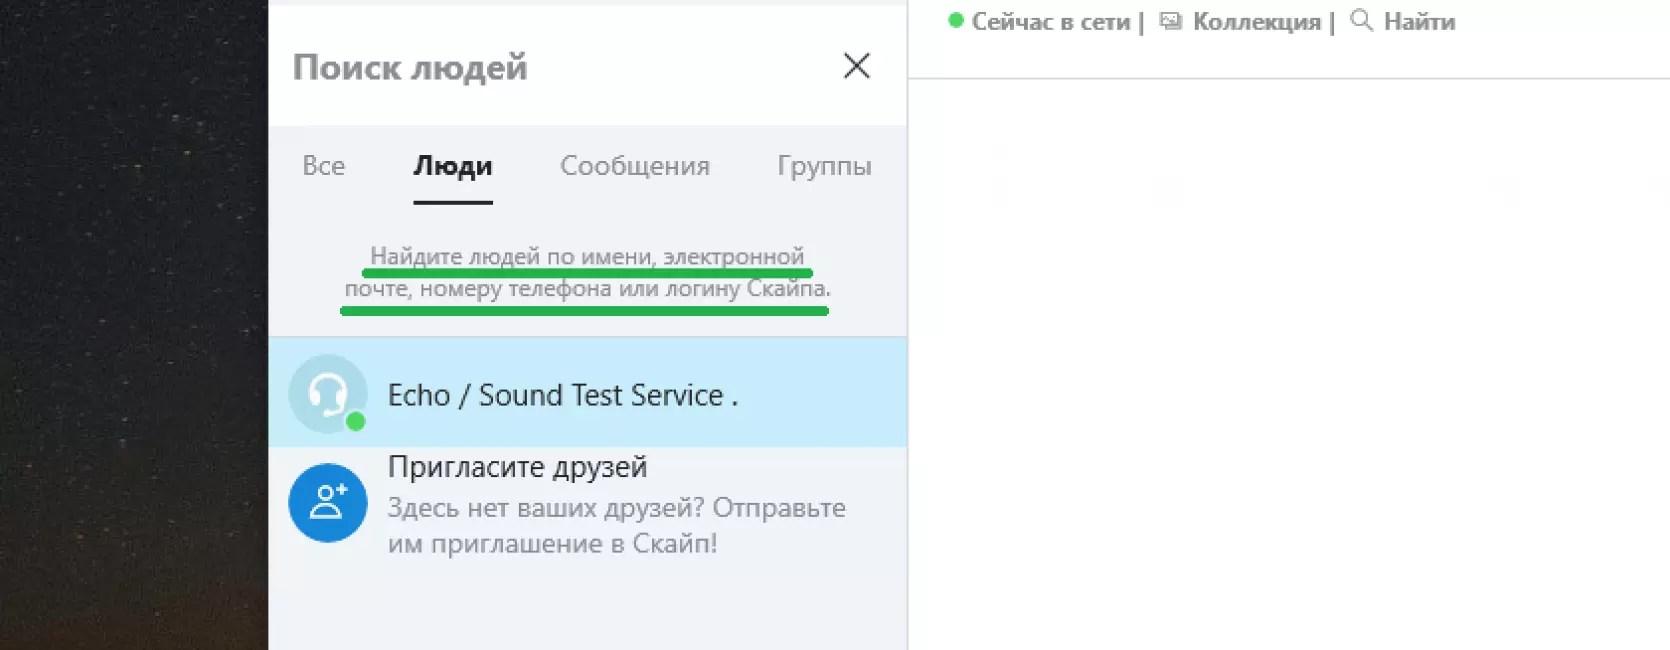 4 modi per modificare il login in Skype nel 2019